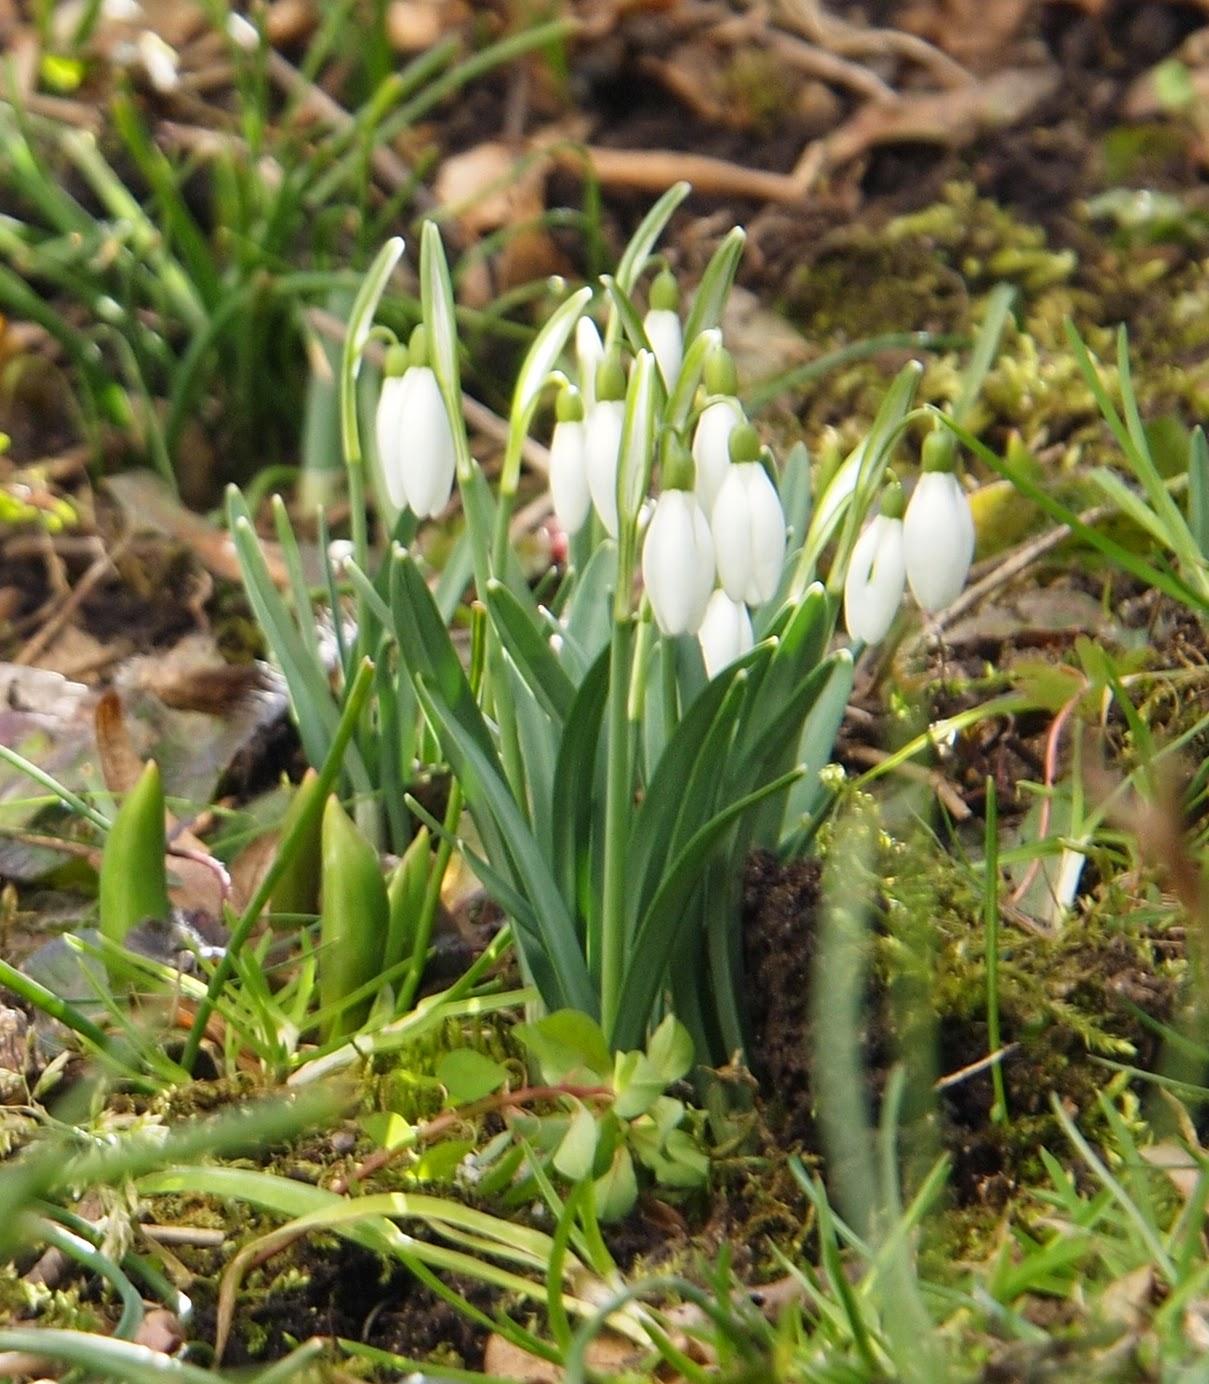 Fleurs des Alpes : Découvrir les arbres, plantes et fleurs de la flore alpine 13